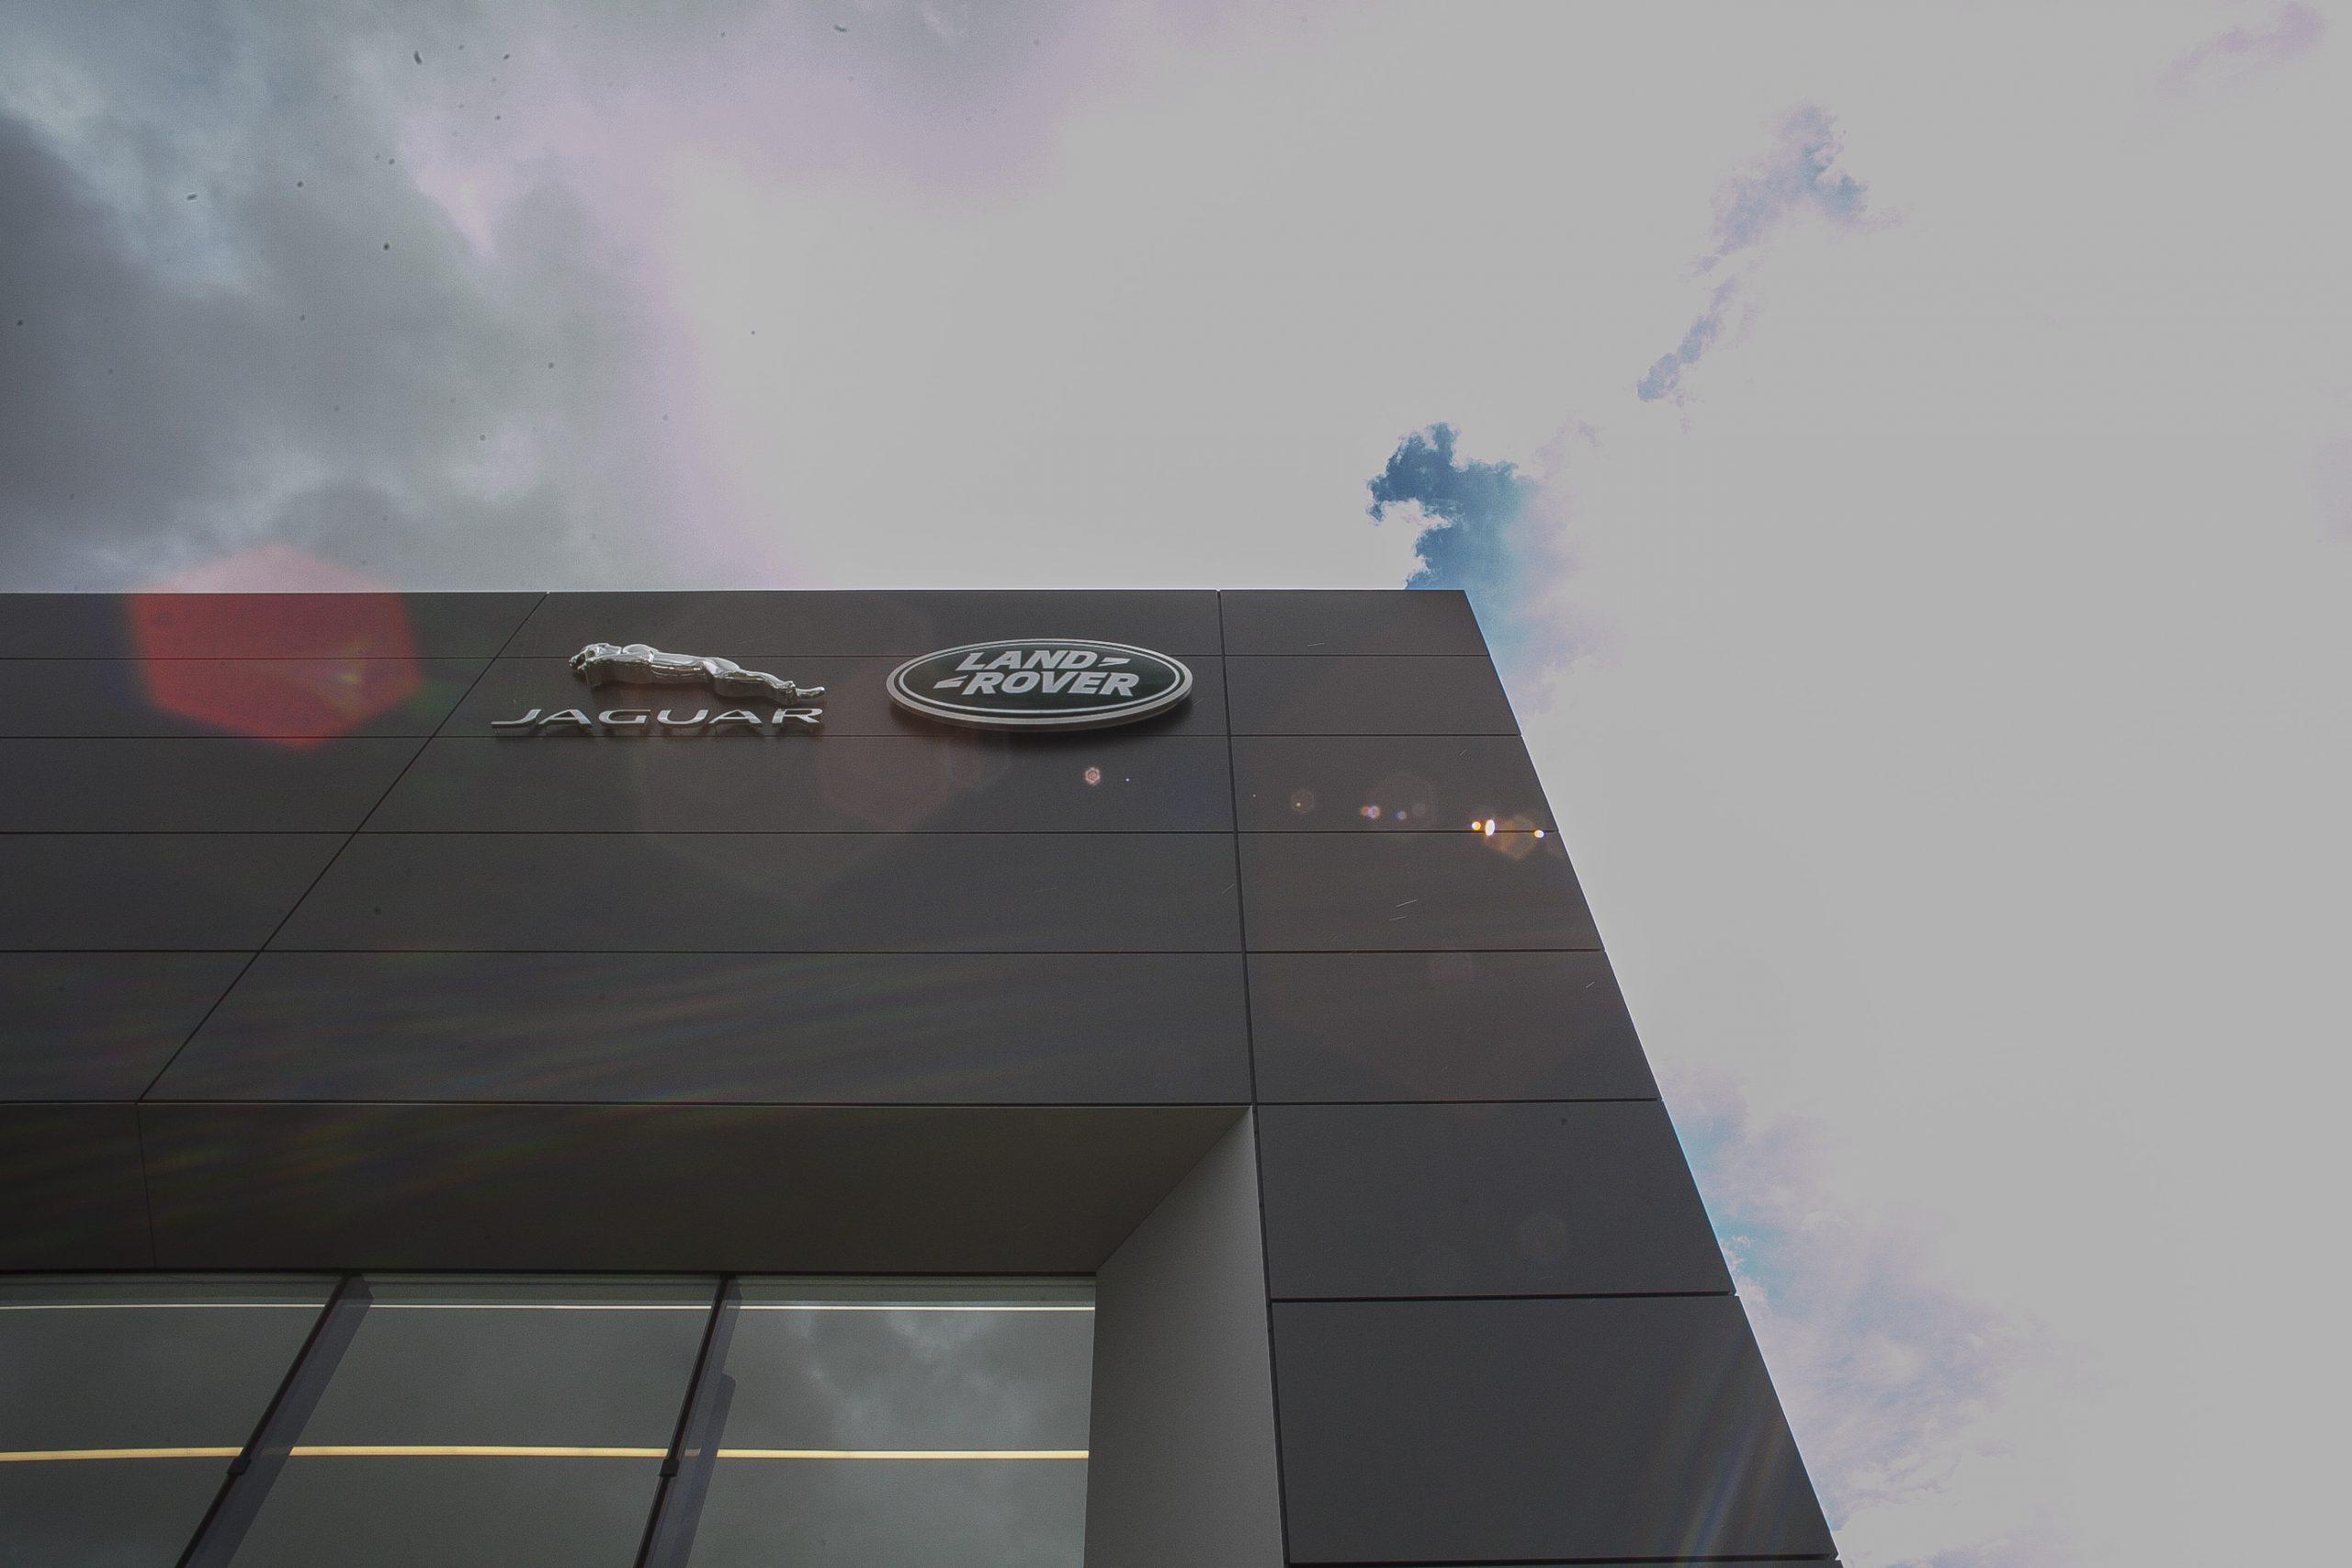 Auto Stahl Wien 23 Jaguar Land Rover Flasghip Store